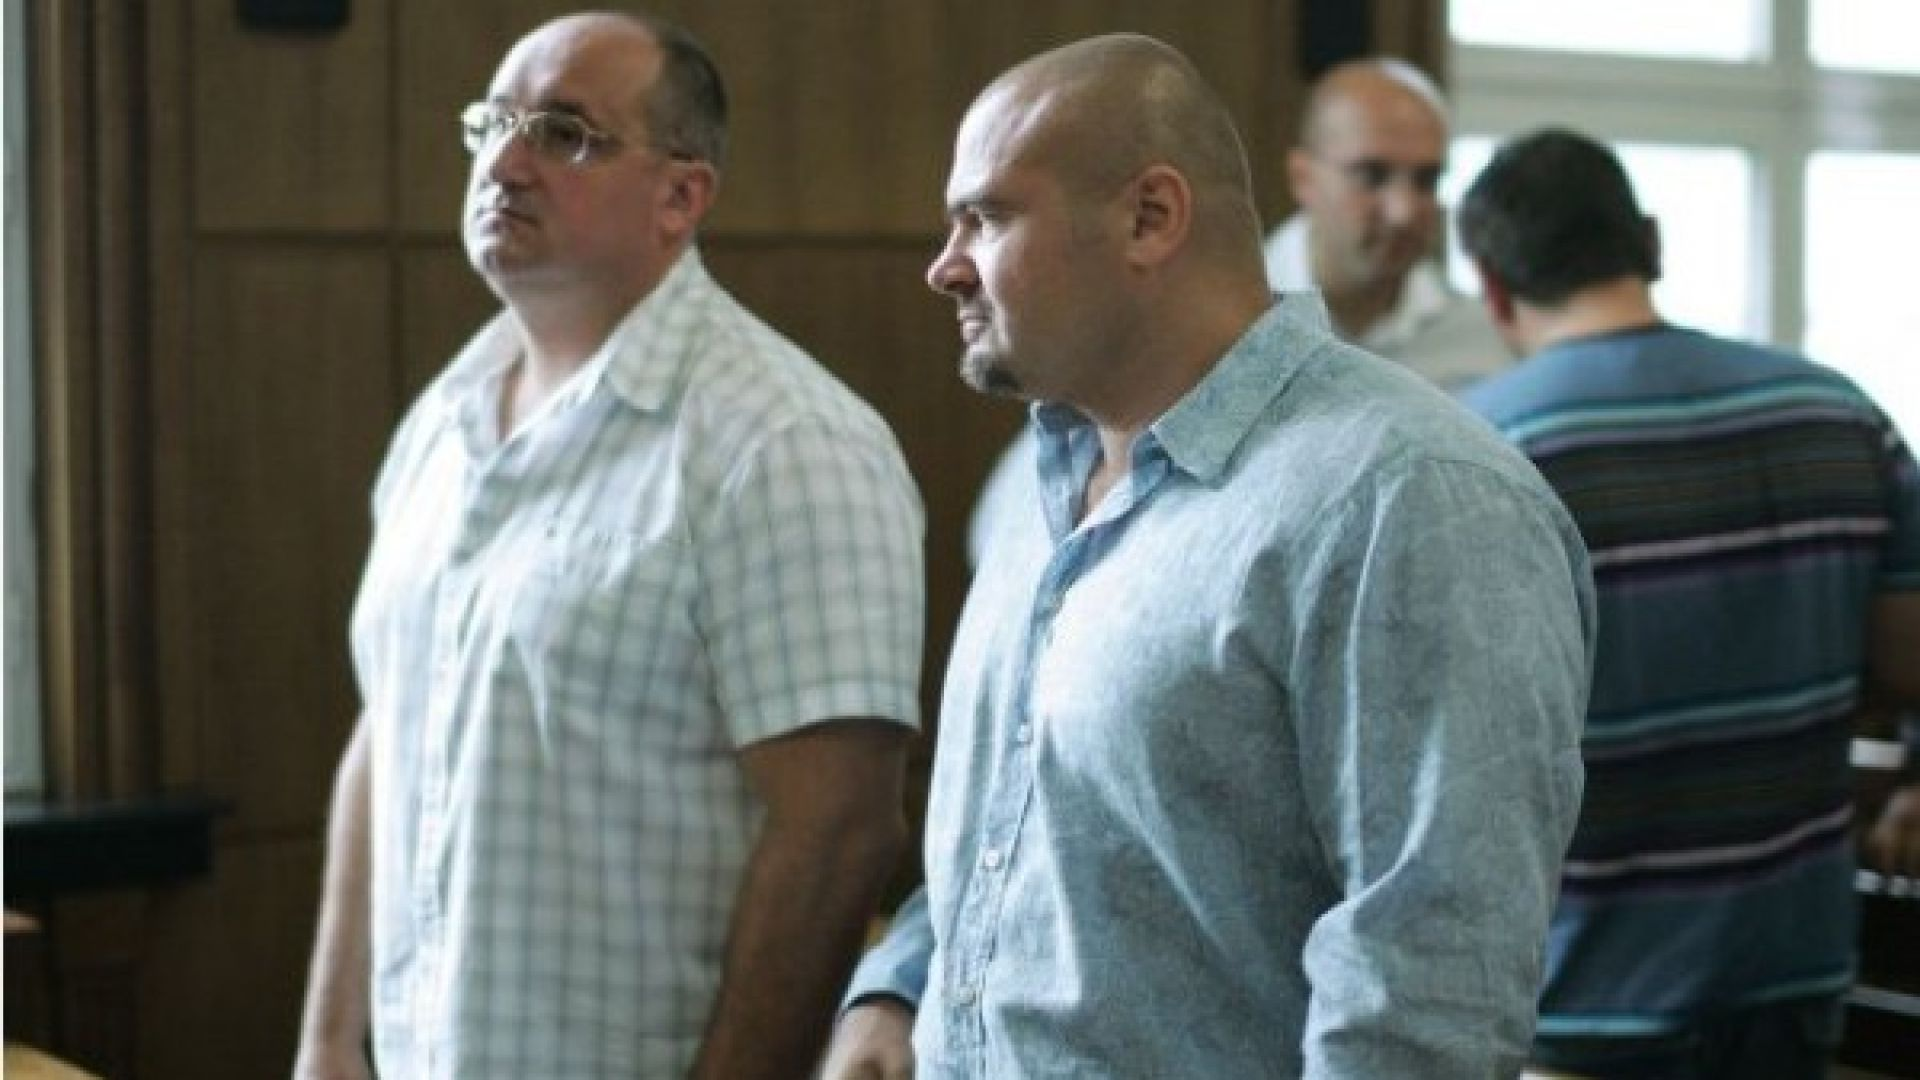 След 8 г. съдът насрочи делото за отнемане на имущество за 4.2 млн. от братя Галеви